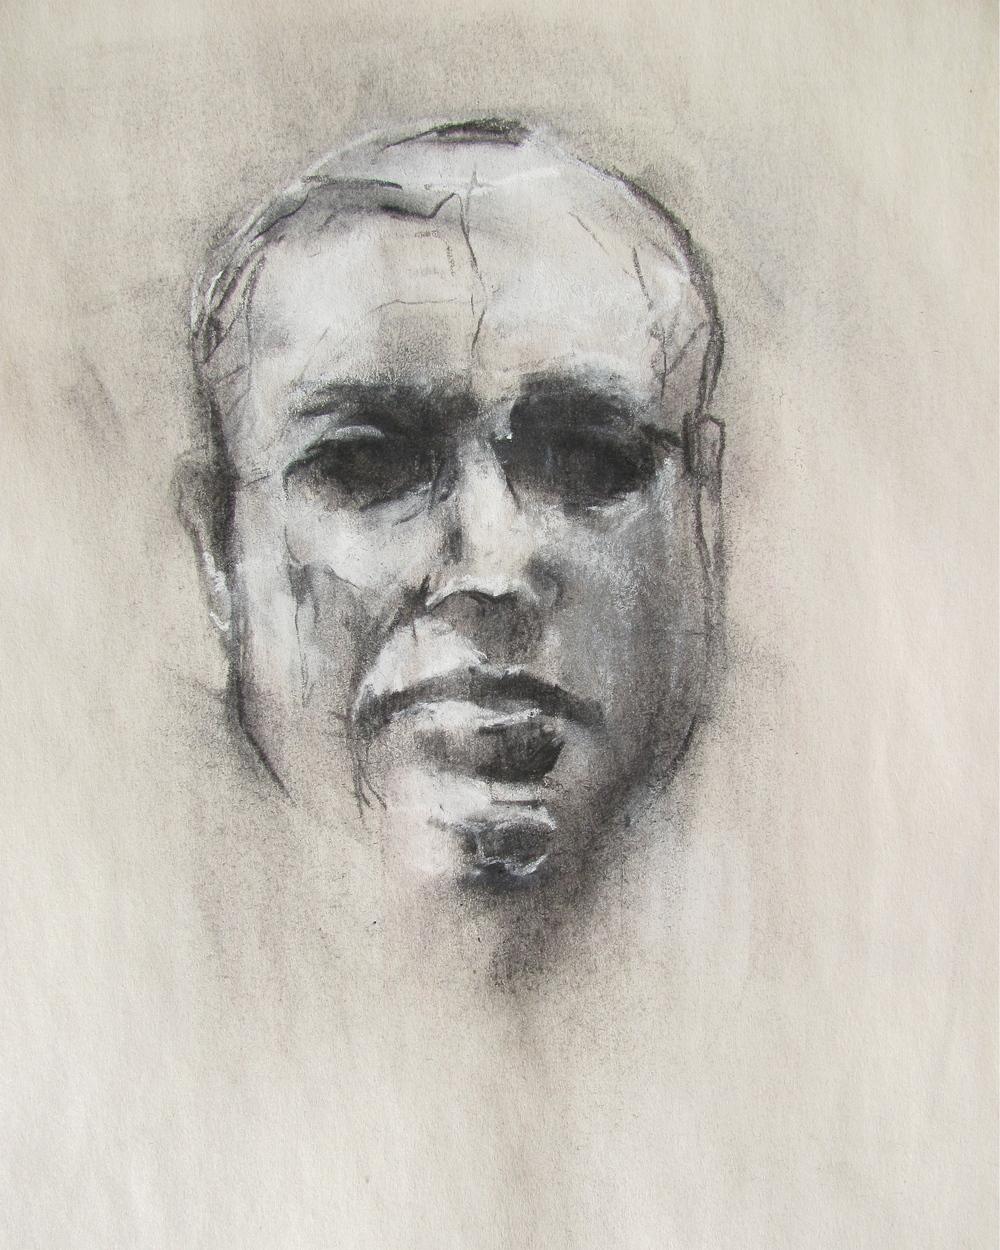 60th St. Portrait #19